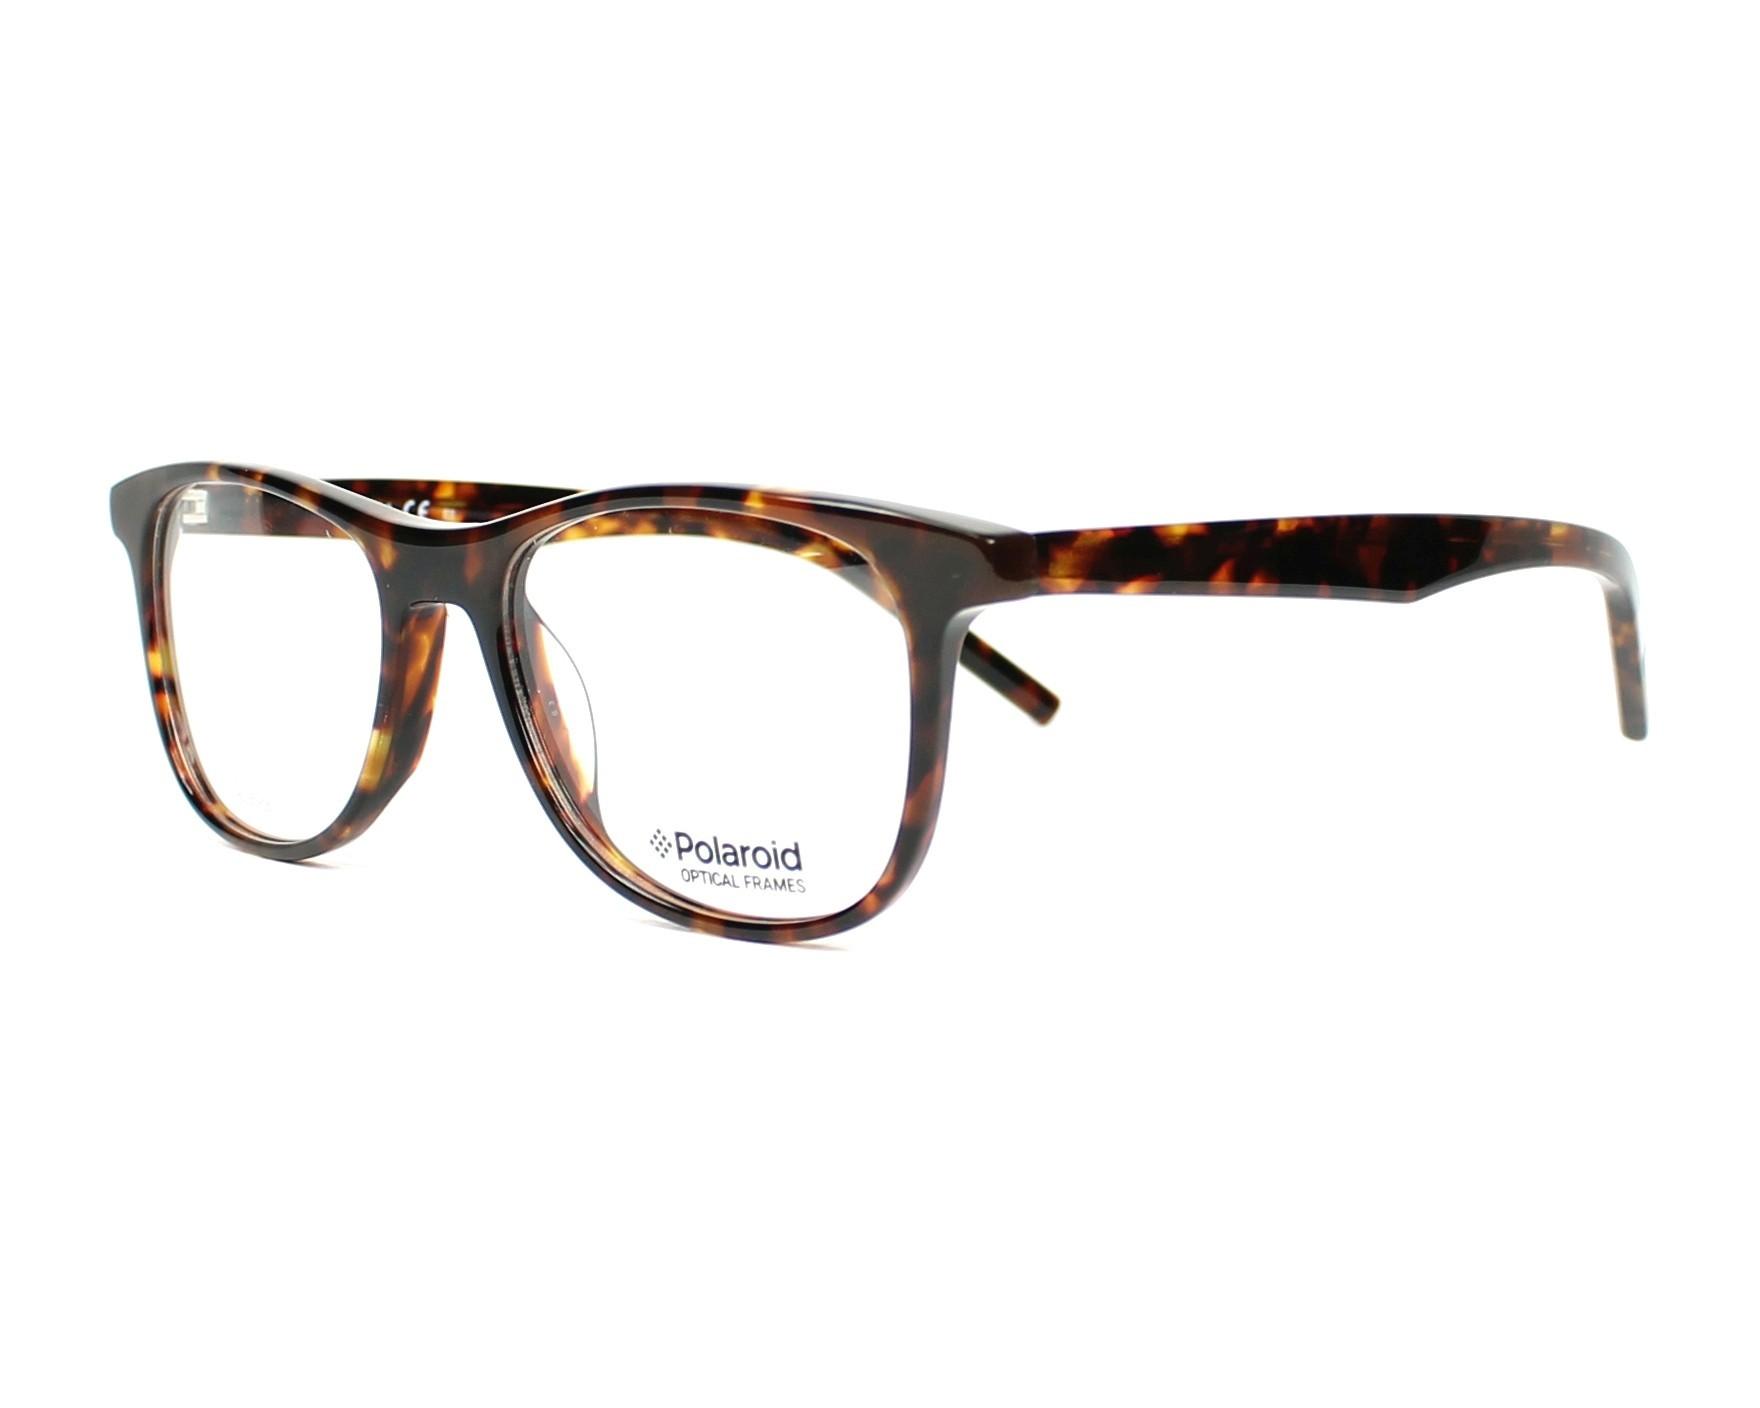 a3979ced8ded eyeglasses Polaroid PLDD-801 VSY 47-16 Havana profile view